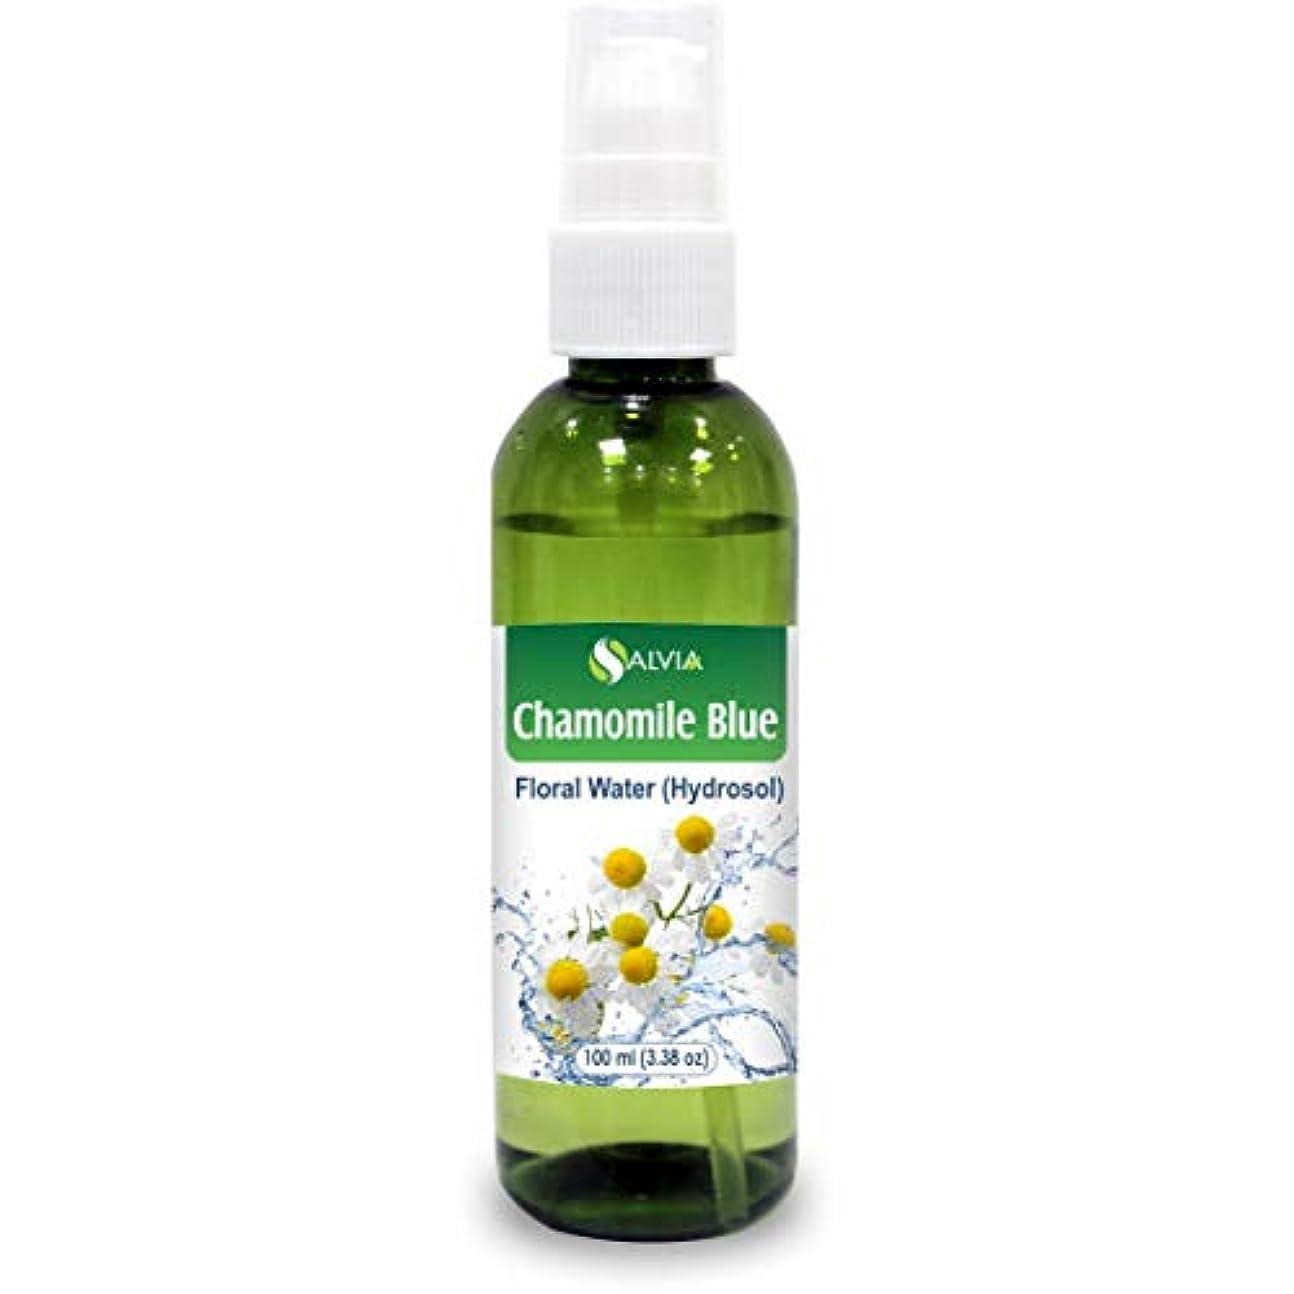 帰するストラトフォードオンエイボン自分を引き上げるChamomile Oil, Blue Floral Water 100ml (Hydrosol) 100% Pure And Natural